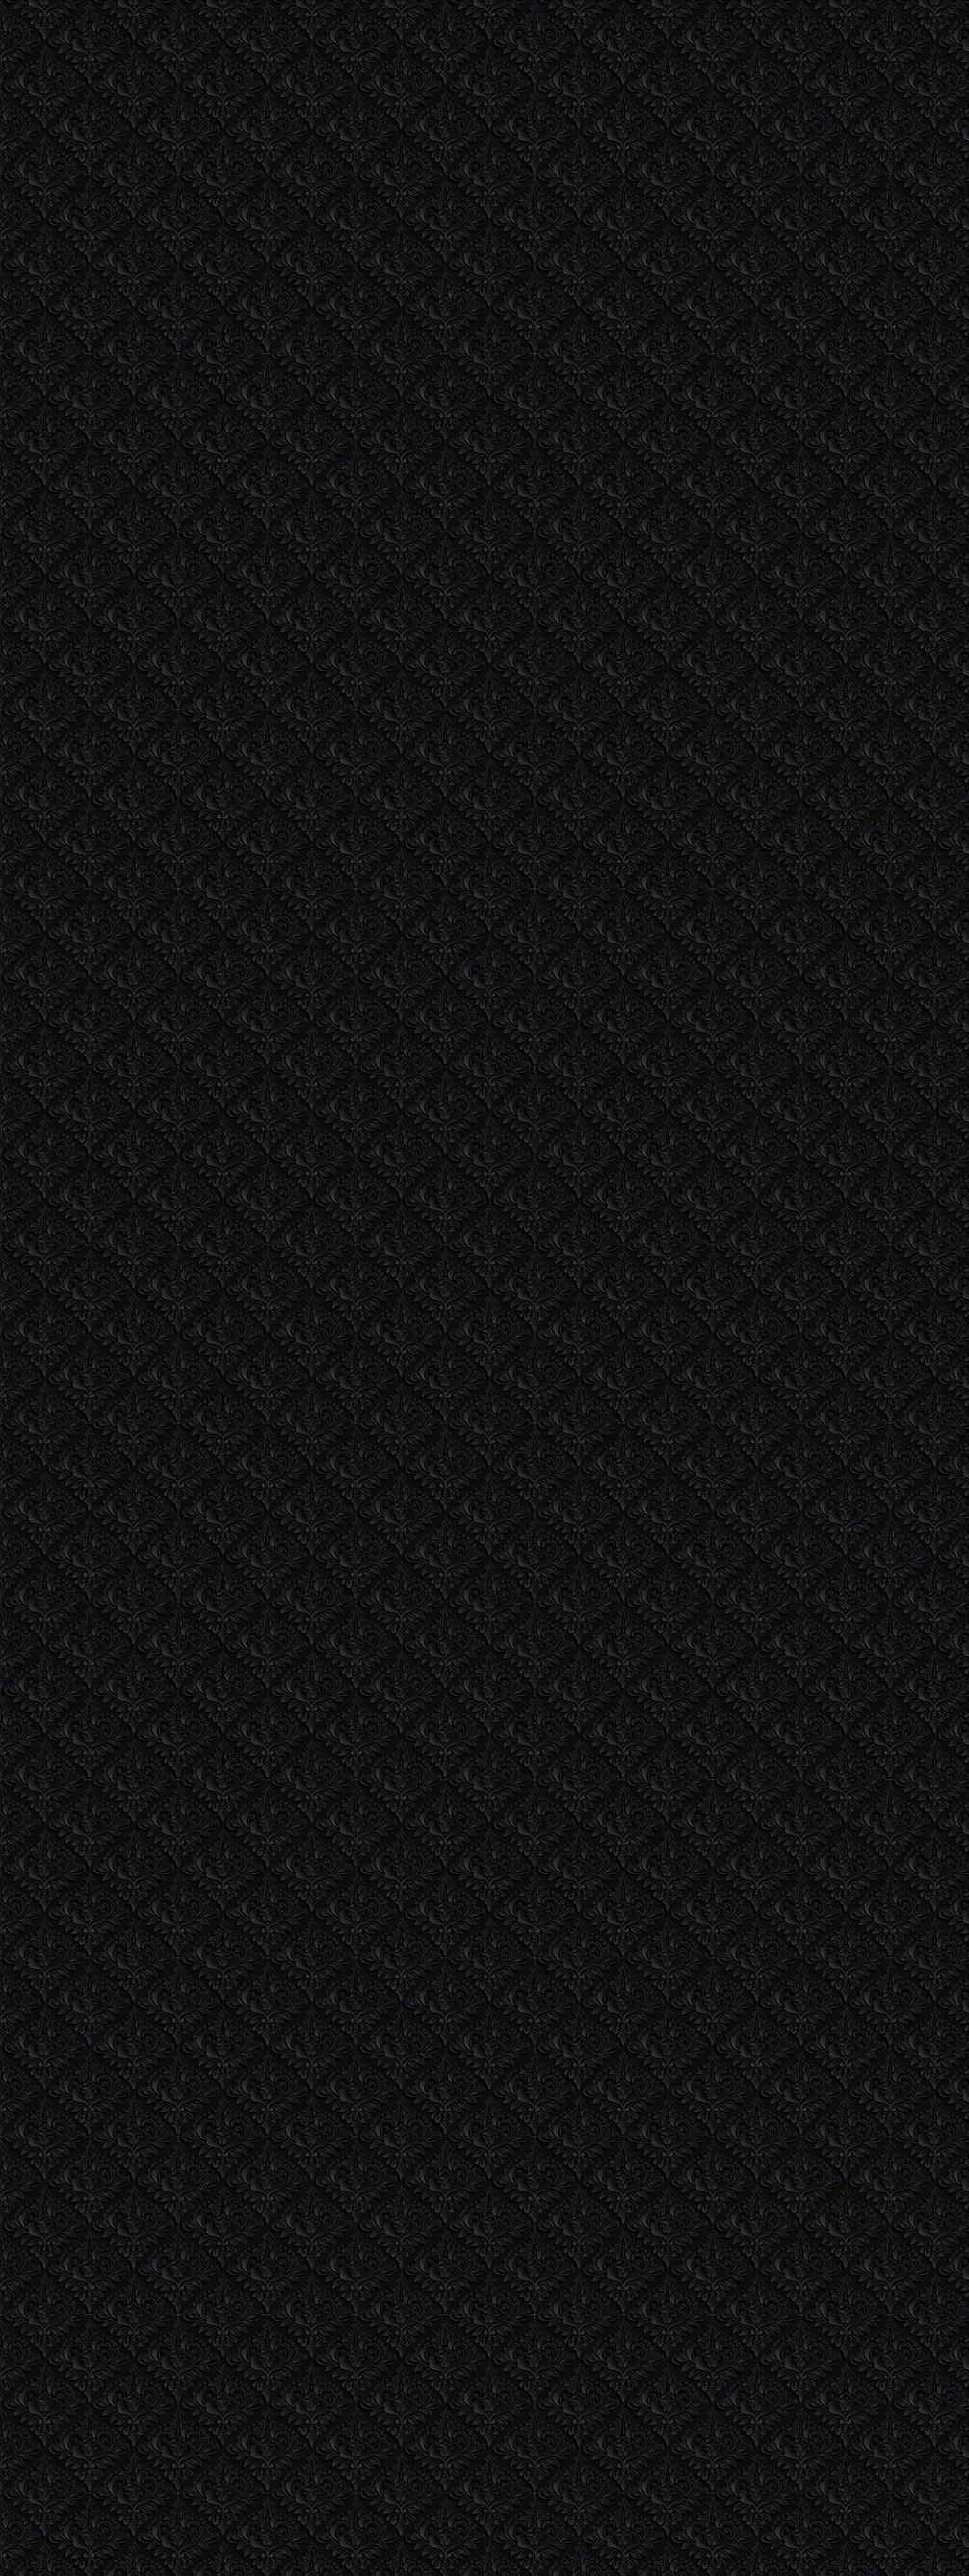 FRUITY-BLACK-WALLPAPER_edited.jpg